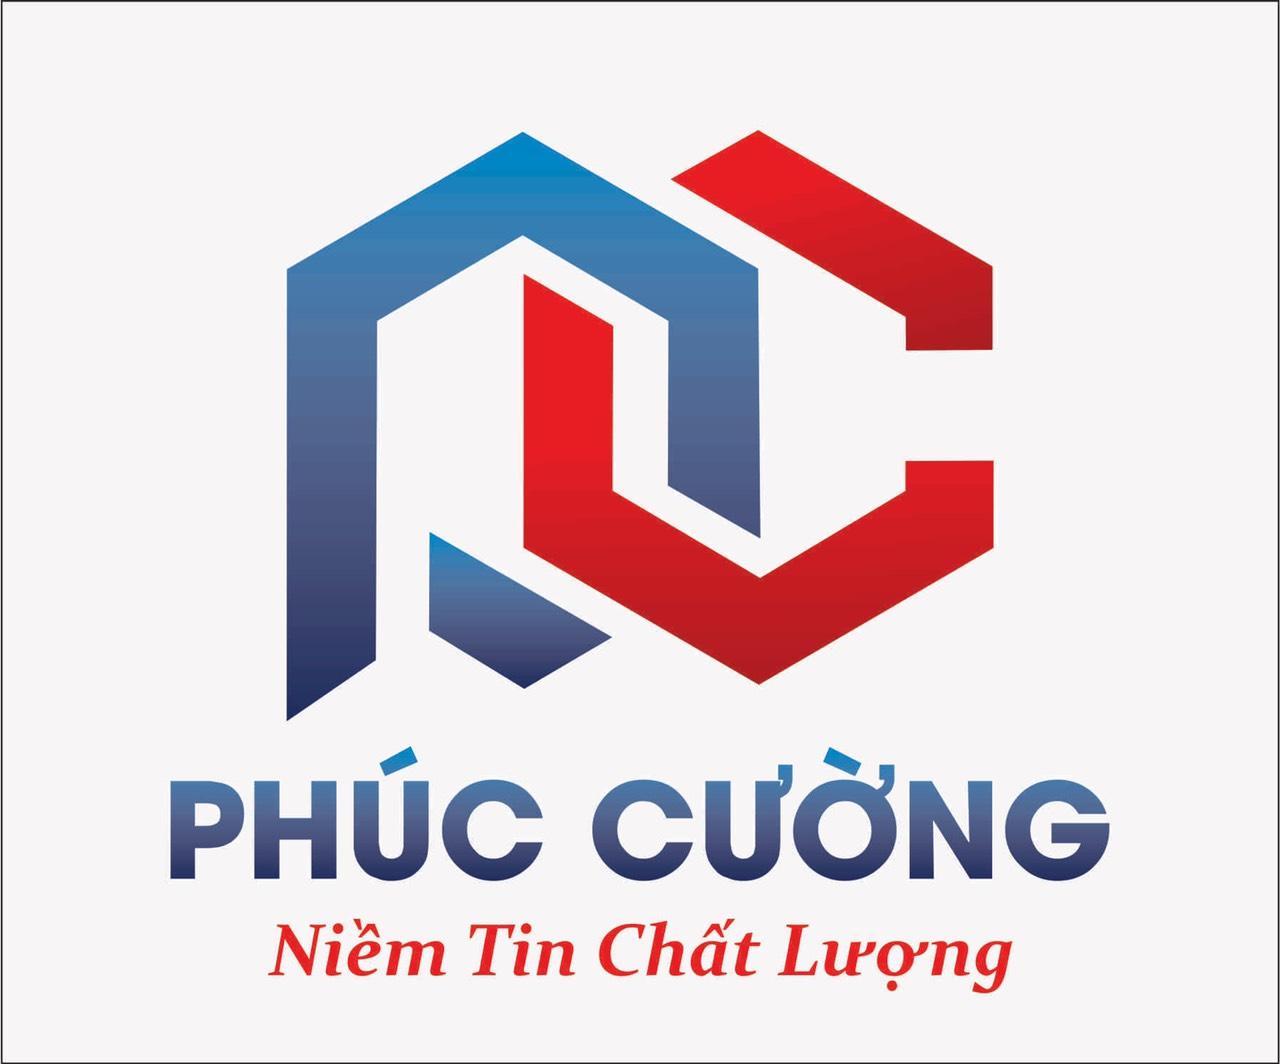 thiết kế logo phúc cường 2